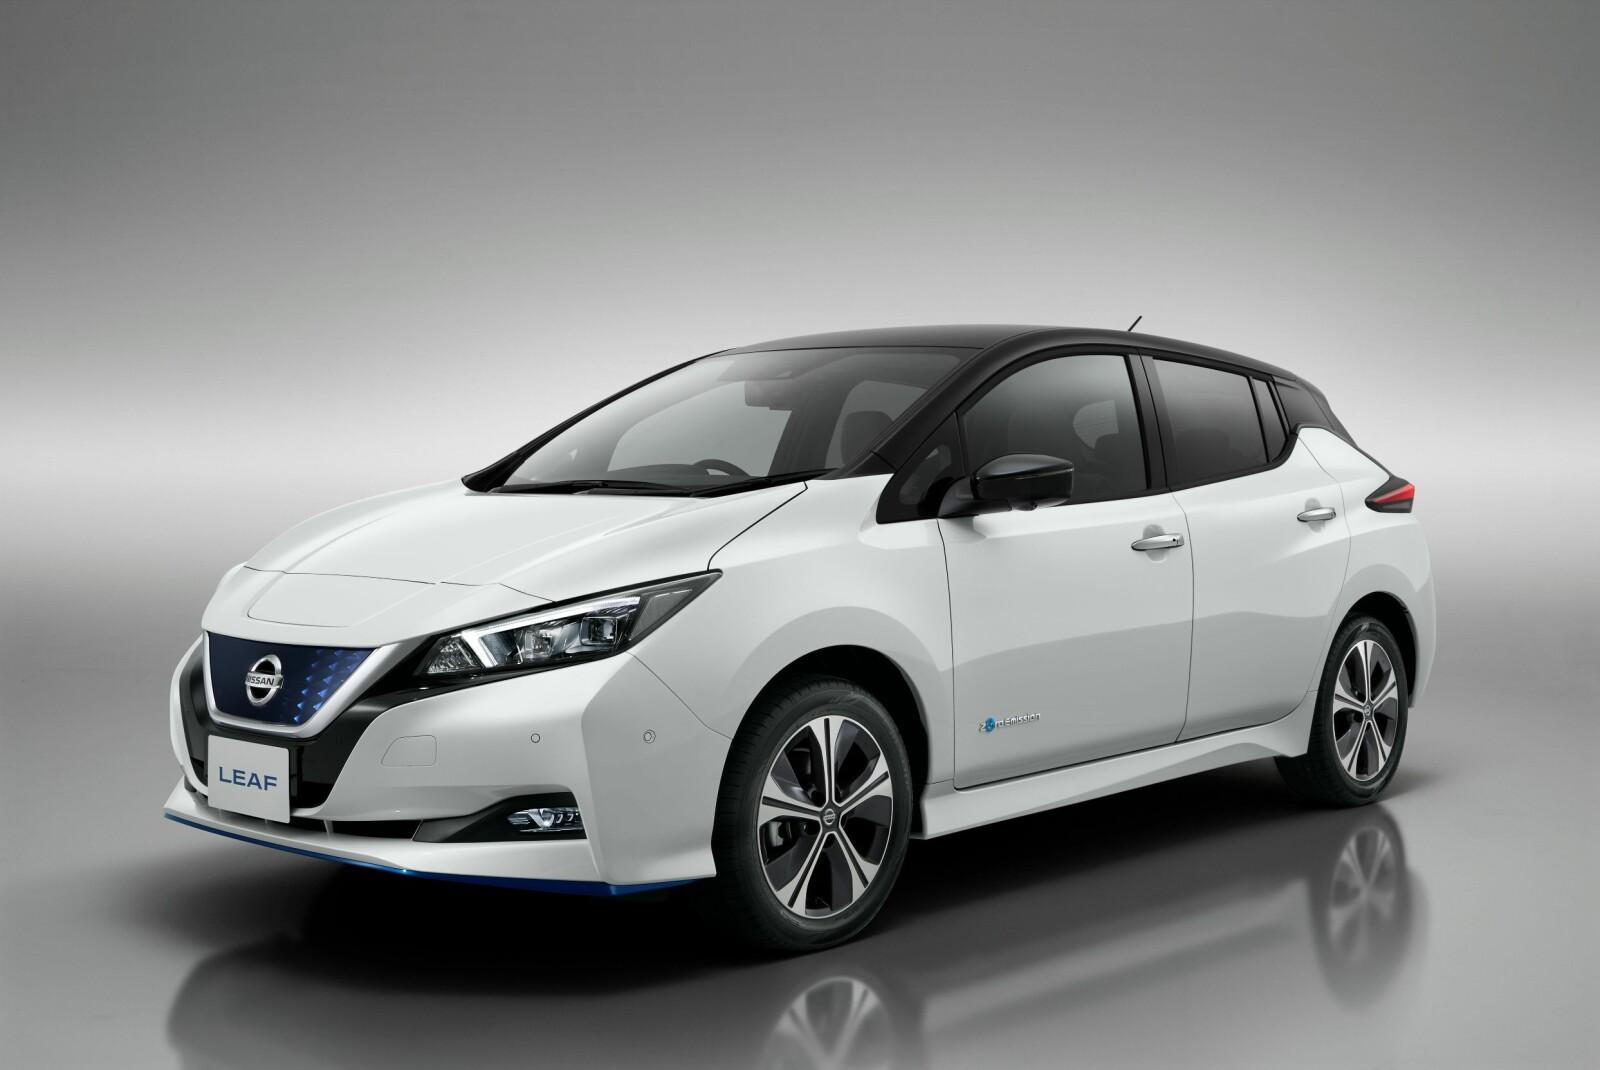 SPESIALVERSJON: I første omgang kommer 62 kWt-versjonen i kun 5000 eksemplarer. Nissan mener de kan raskt kan forsyne markedet med flere biler dersom etterspørselen er der.